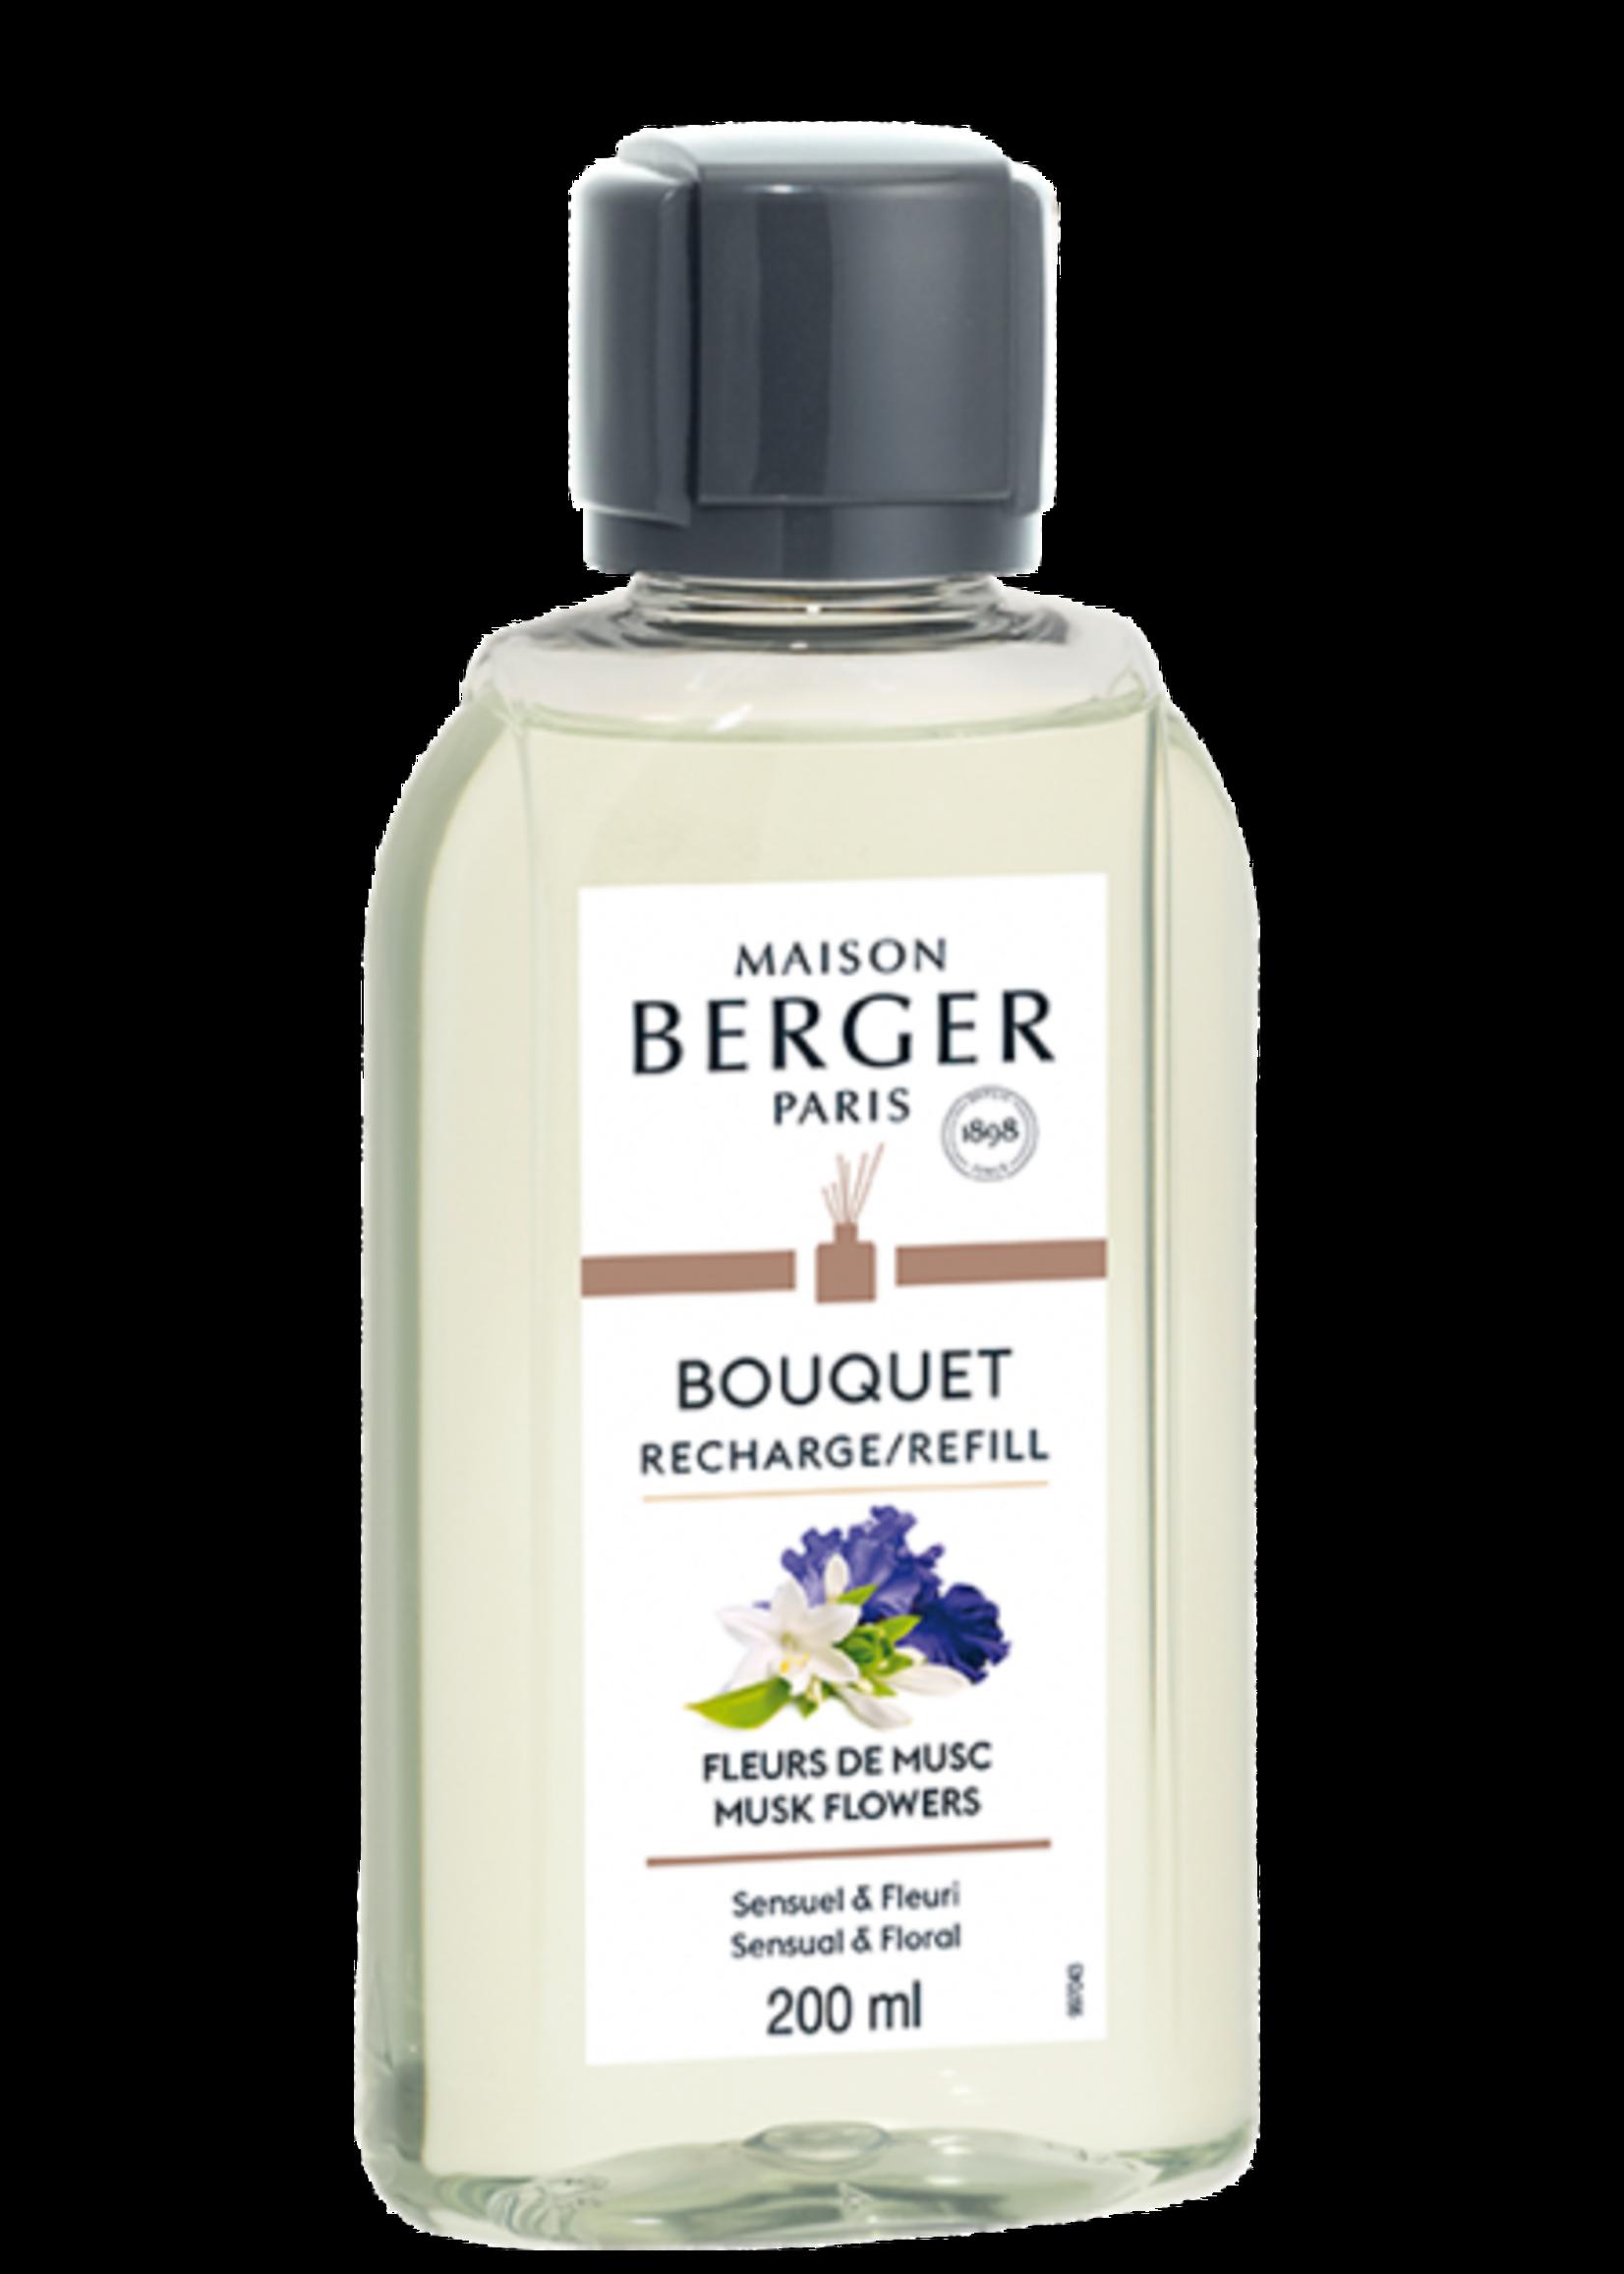 Parfum de Berger Navulling  Parfumverspreider Fleurs de Musc